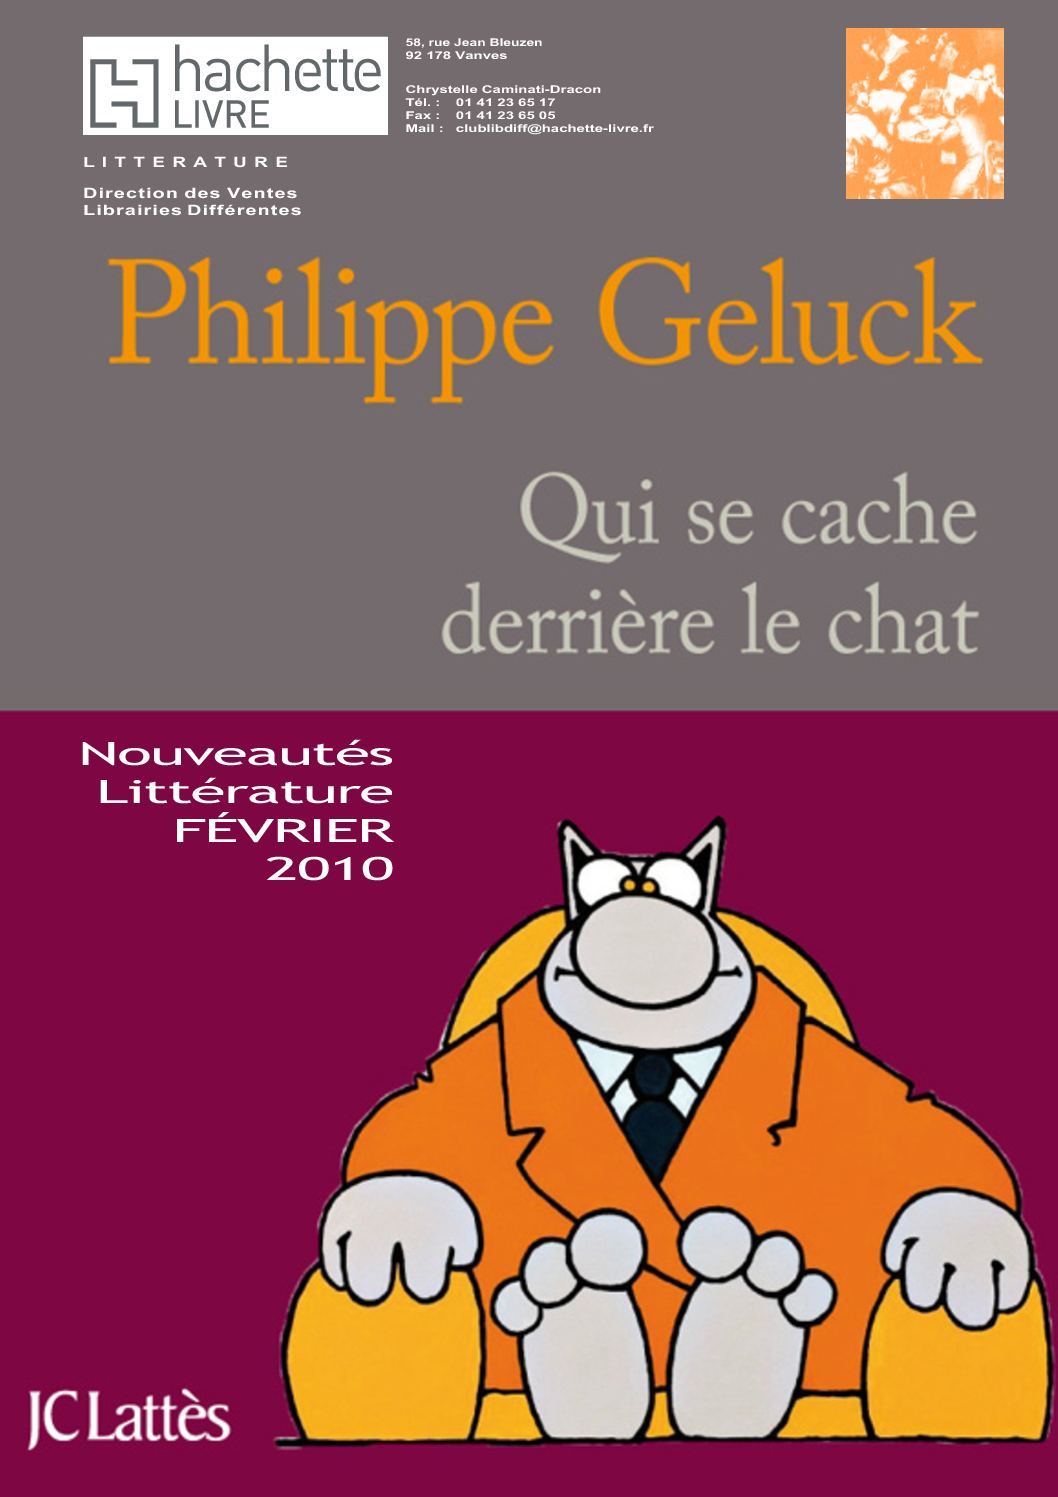 Calaméo - Catalogue des Nouveautés Littérature Février 2011 cf18932e006